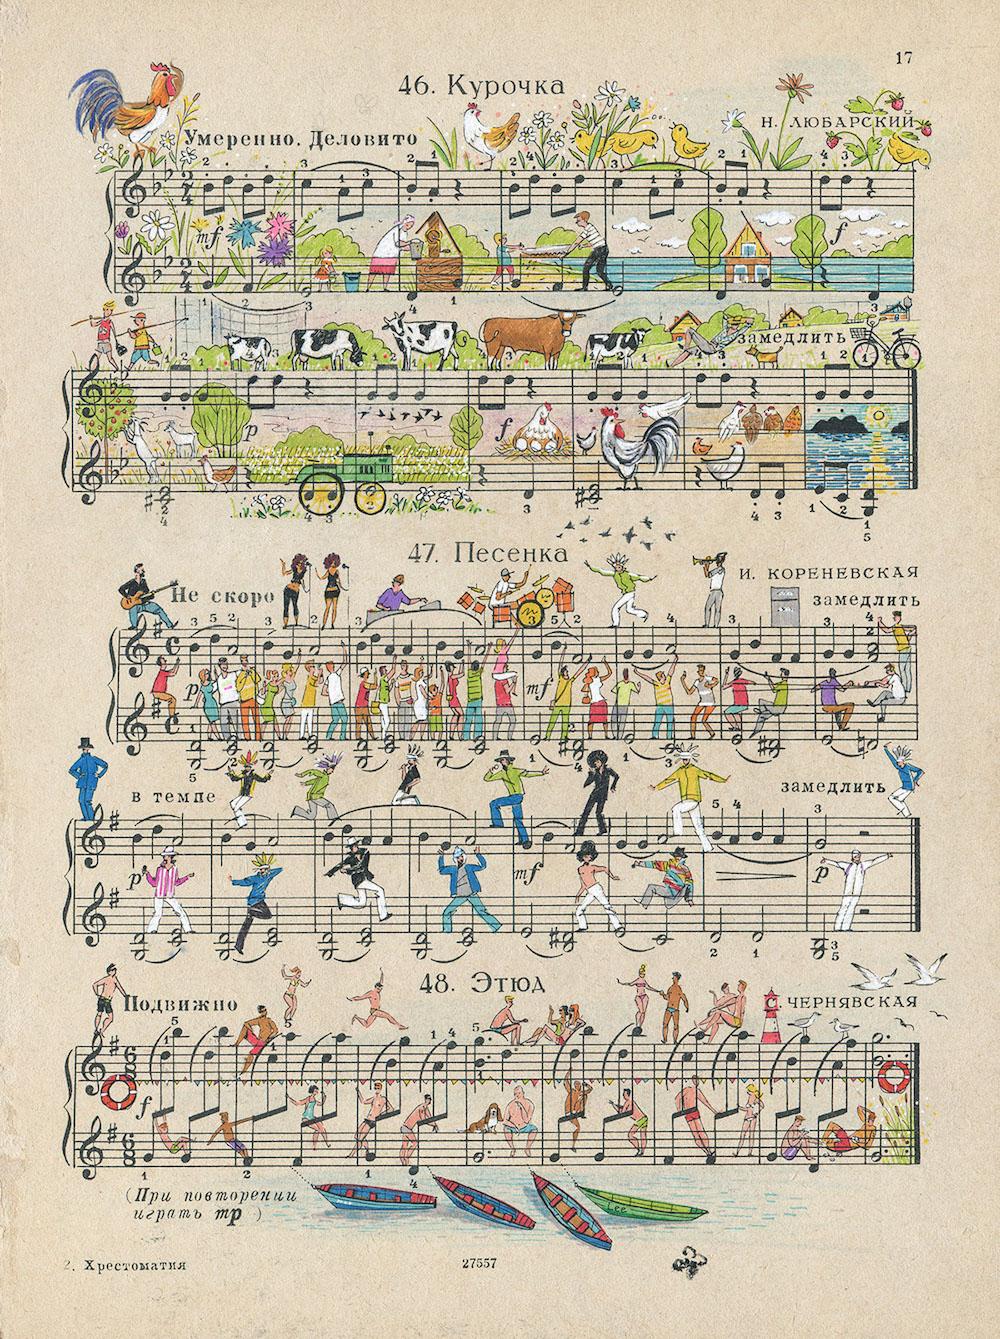 Сценки из повседневной жизни: весёлые иллюстрации от студии People Too